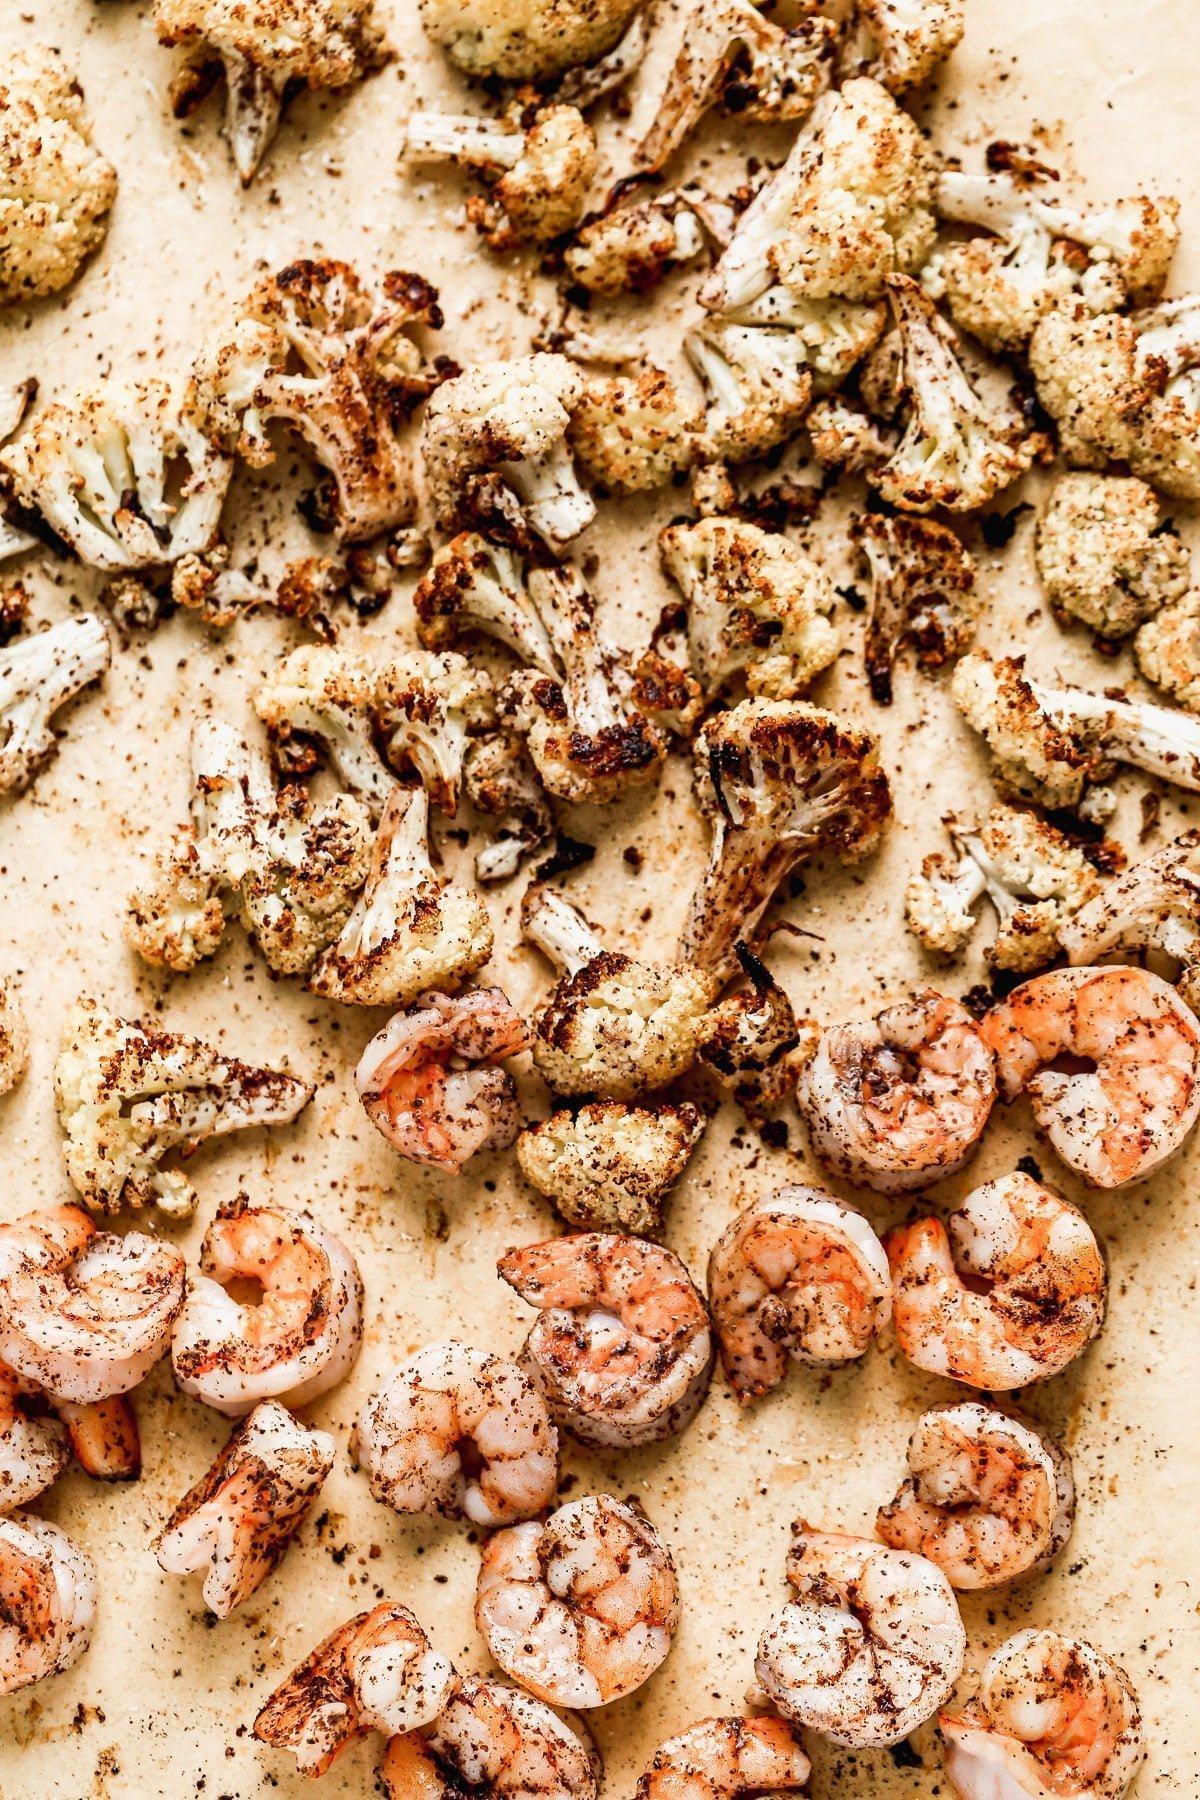 Sumac roasted cauliflower and shrimp